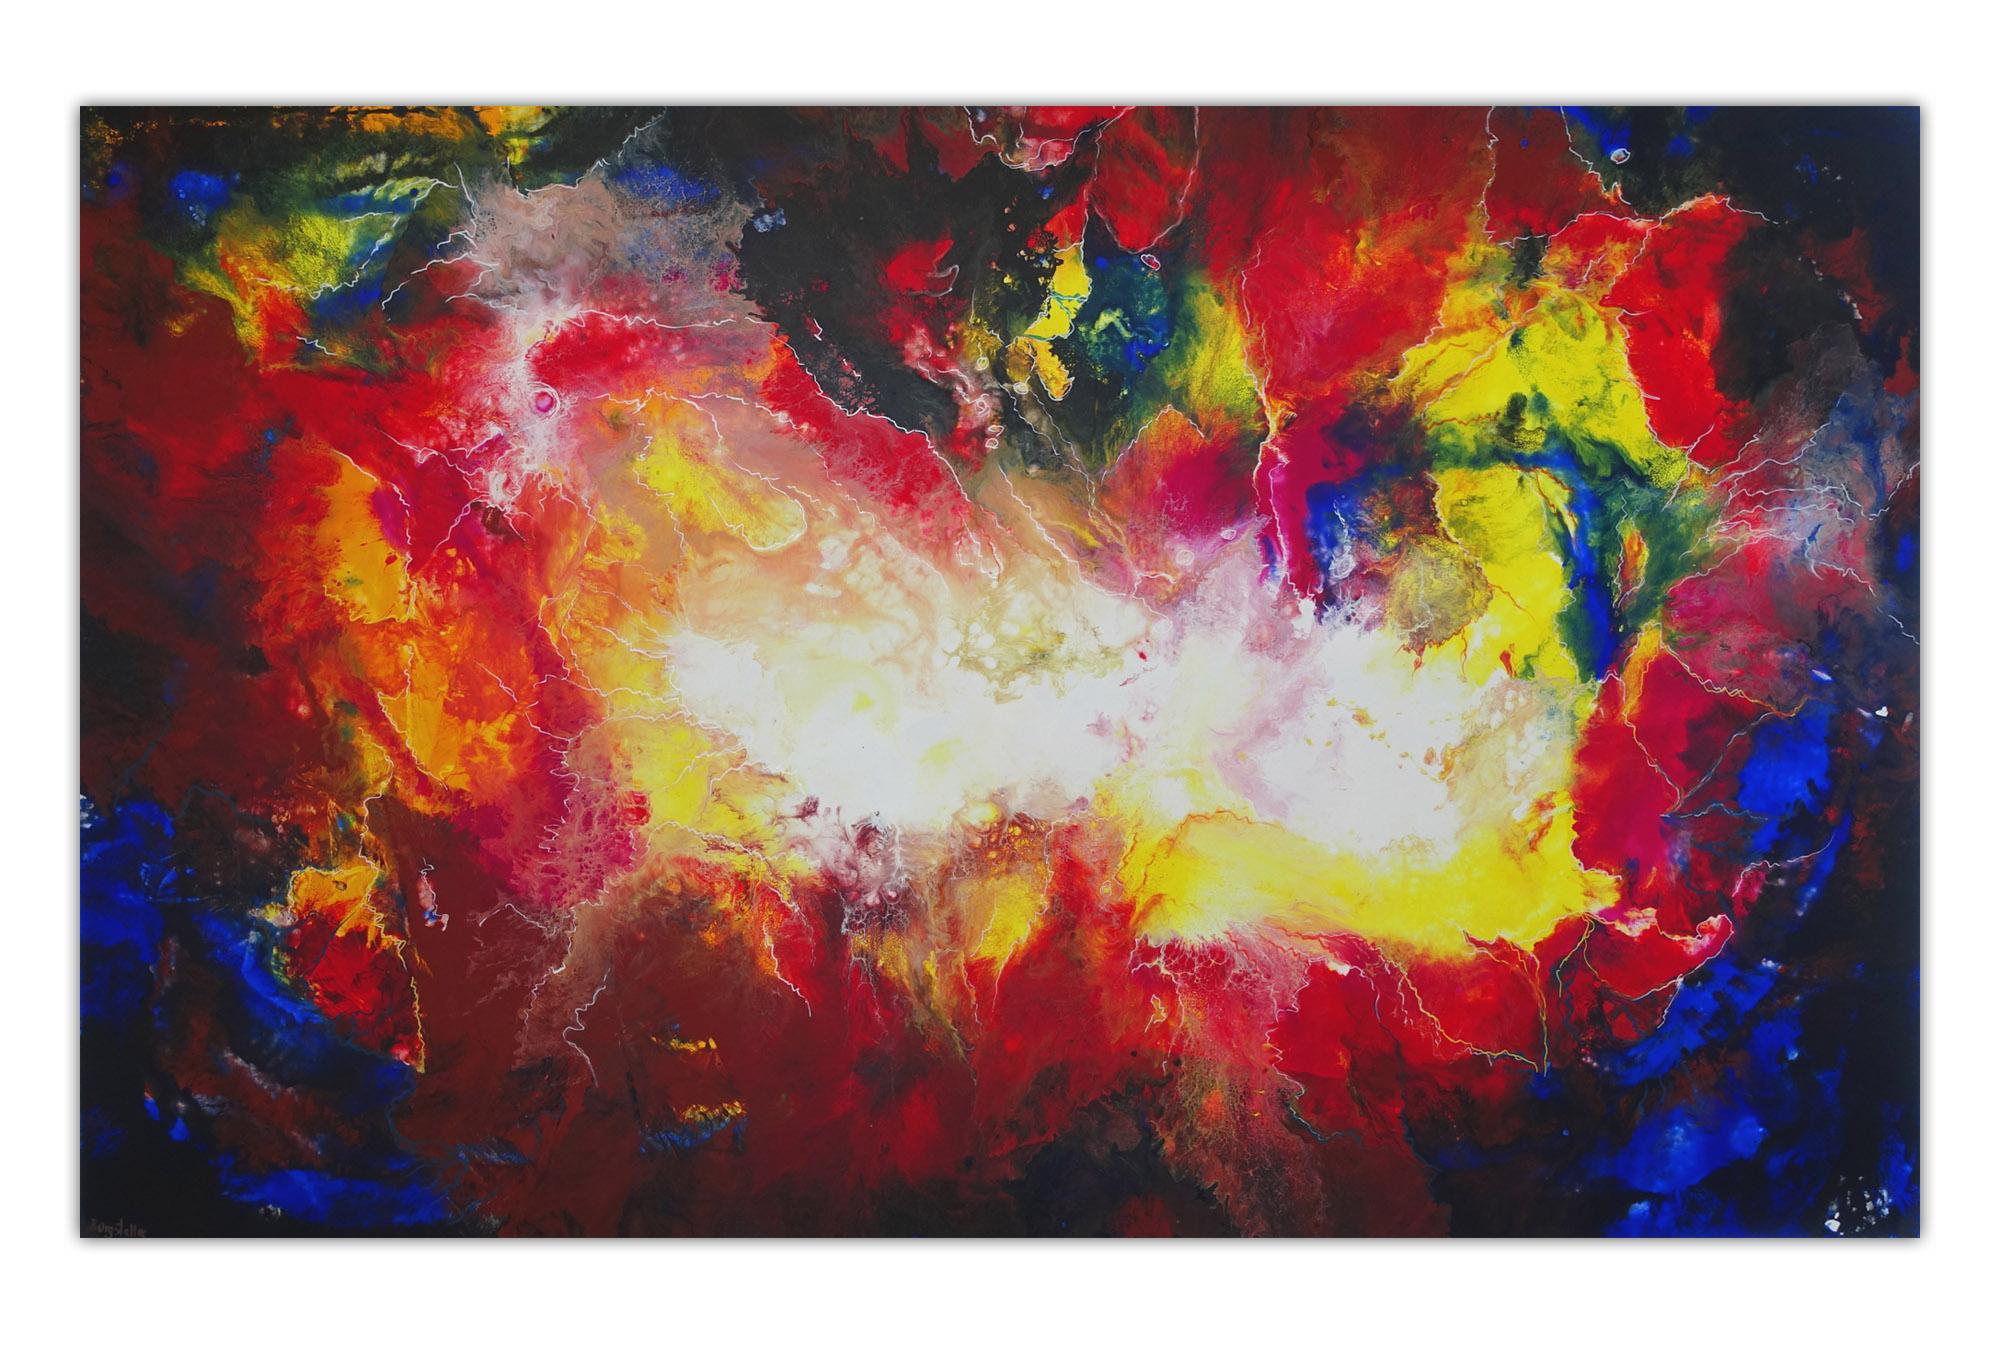 Rot blau gelb abstrakt Leinwandbild Original Gemälde Kunst Bild 80x120